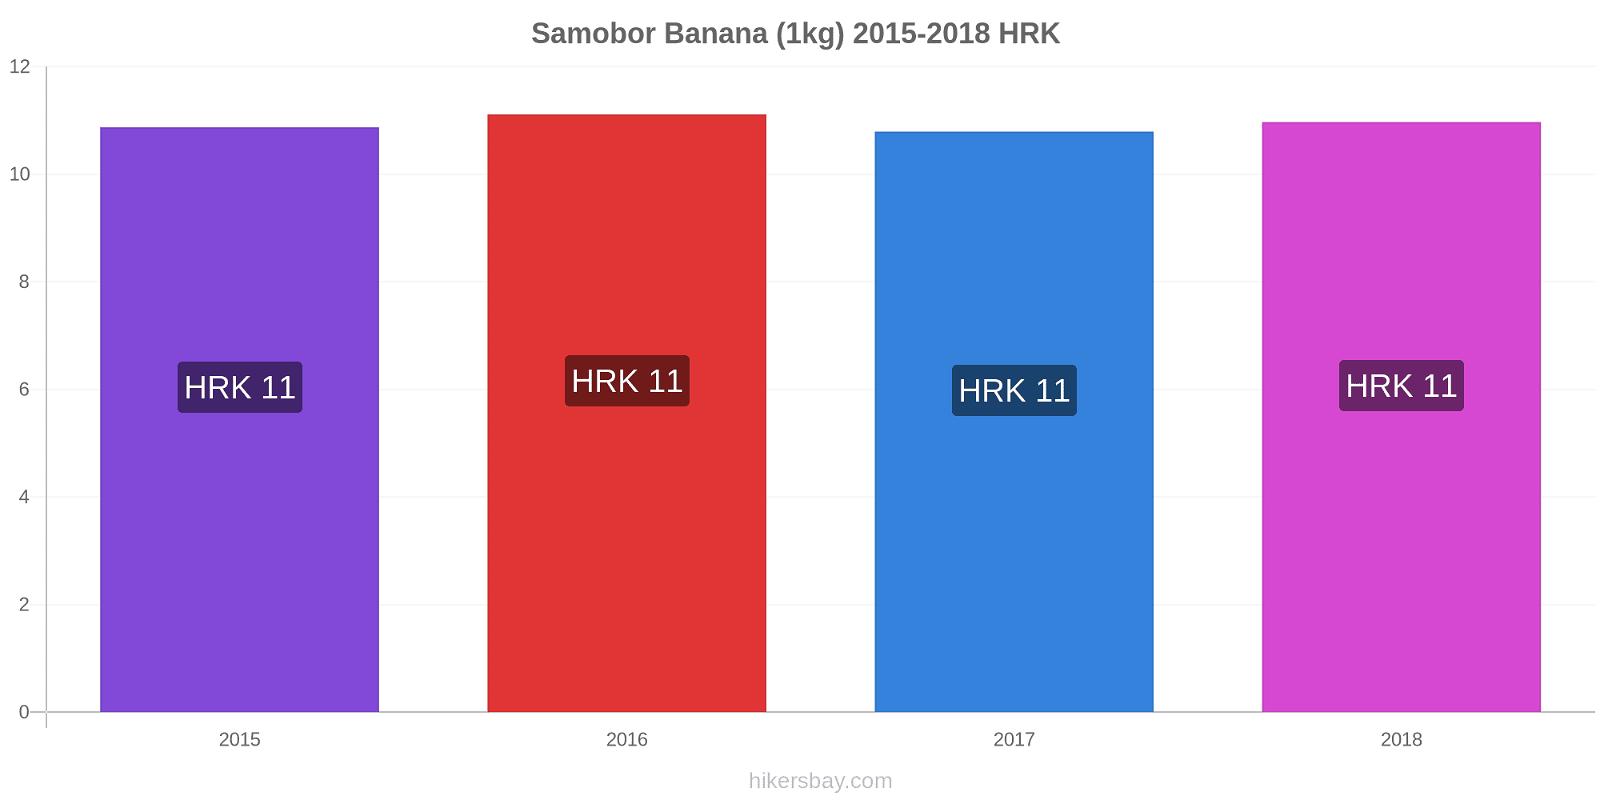 Samobor variação de preço Banana (1kg) hikersbay.com